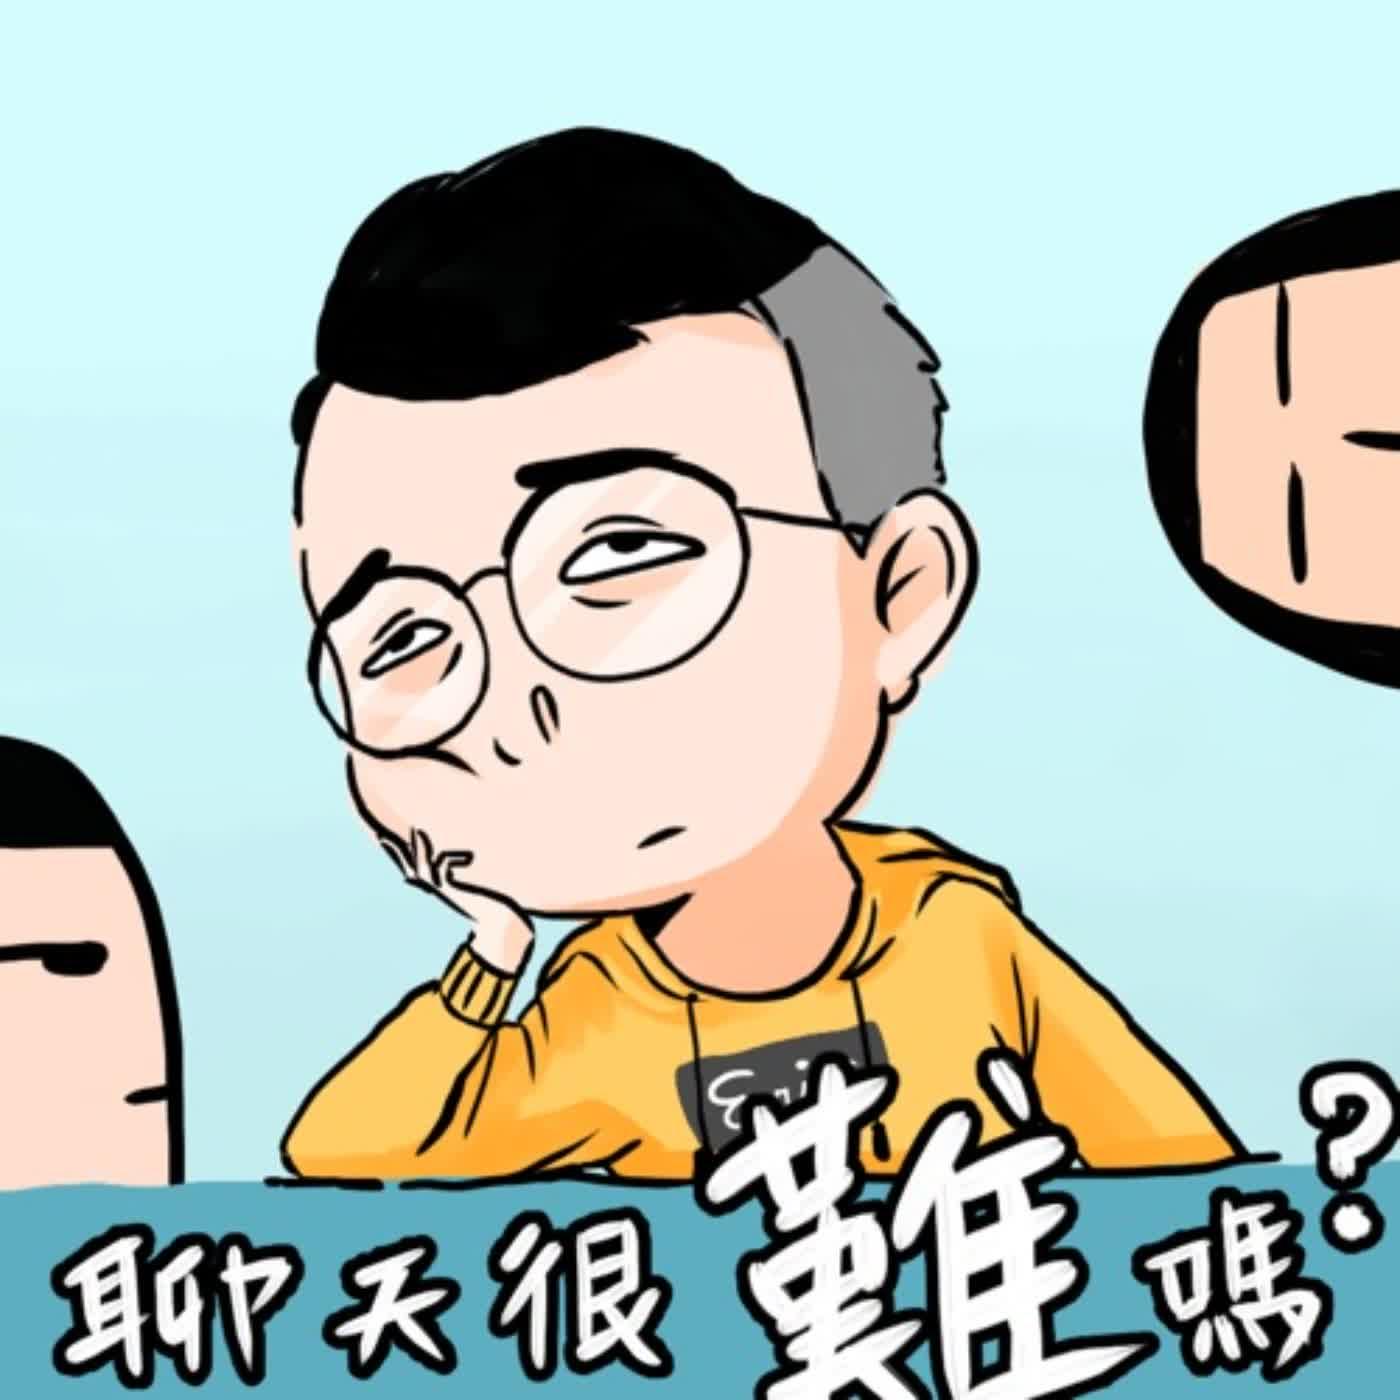 聊天很難嗎 自言自語#3快樂鳥日子